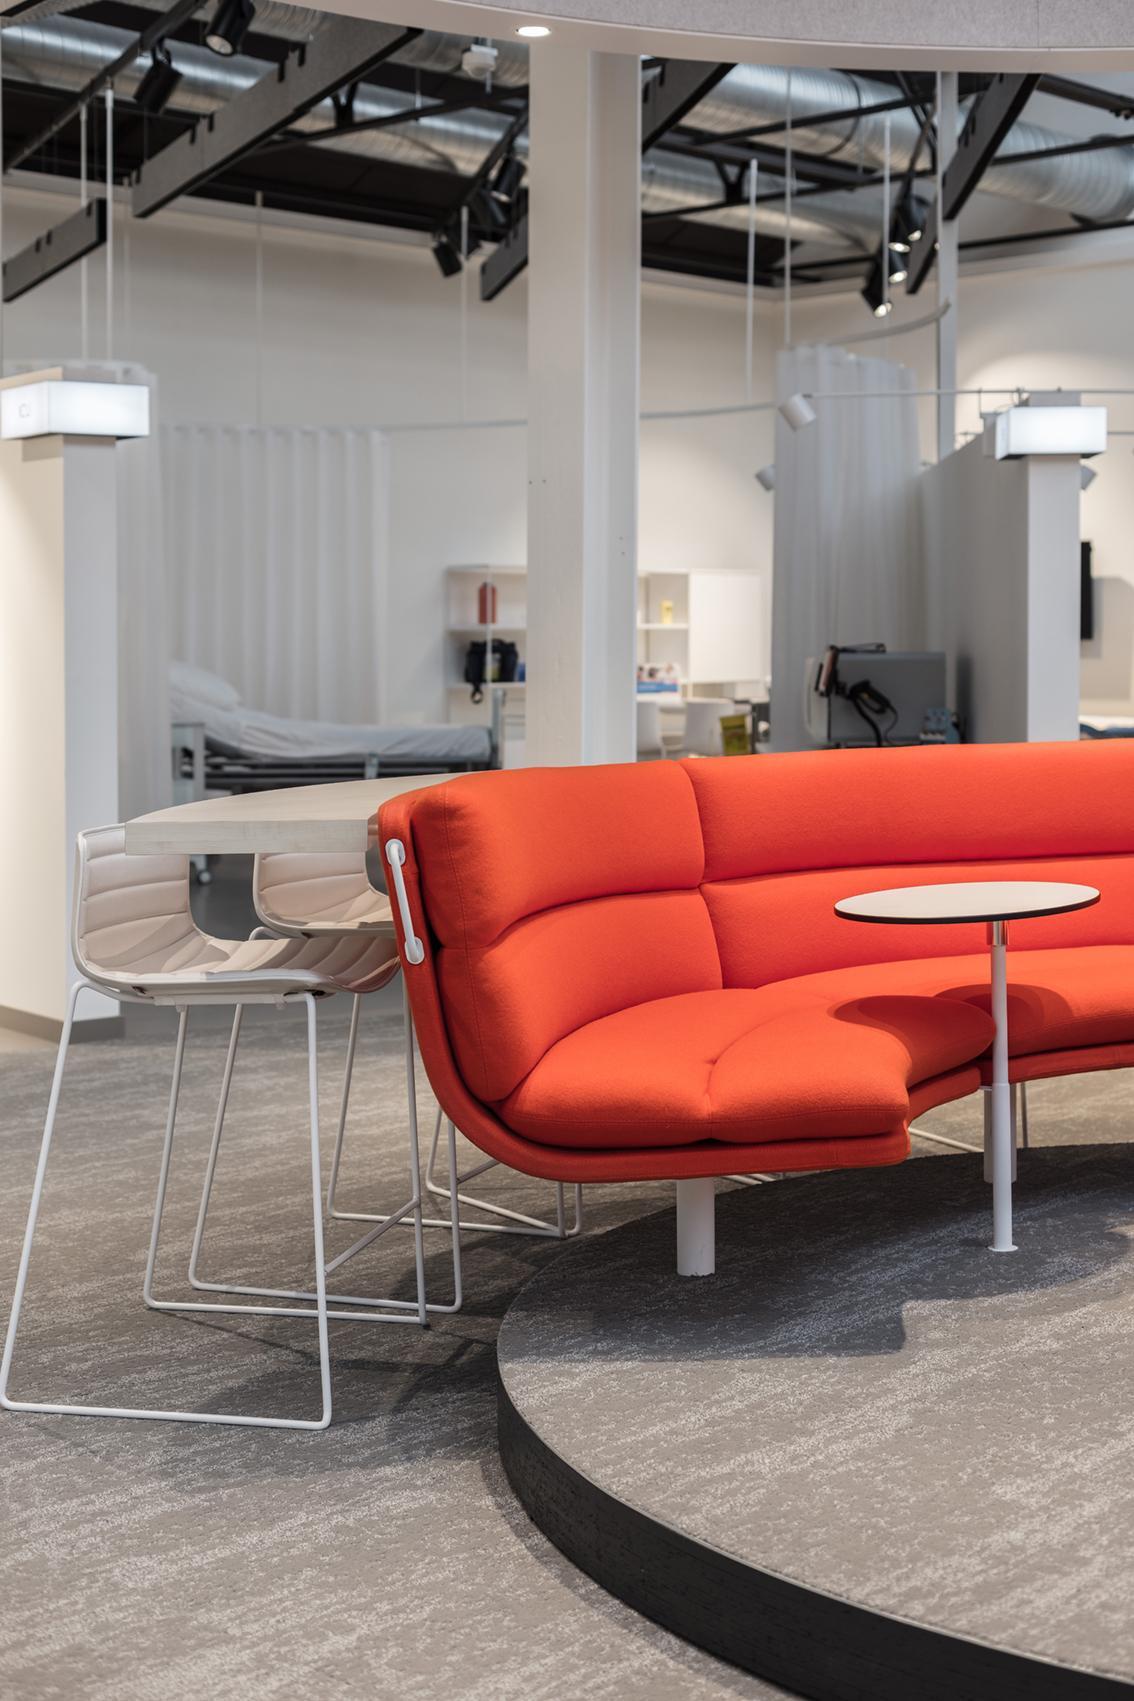 Art Nivo ontwikkelde het volledige retail concept en implementeerde van A tot Z het interieur...